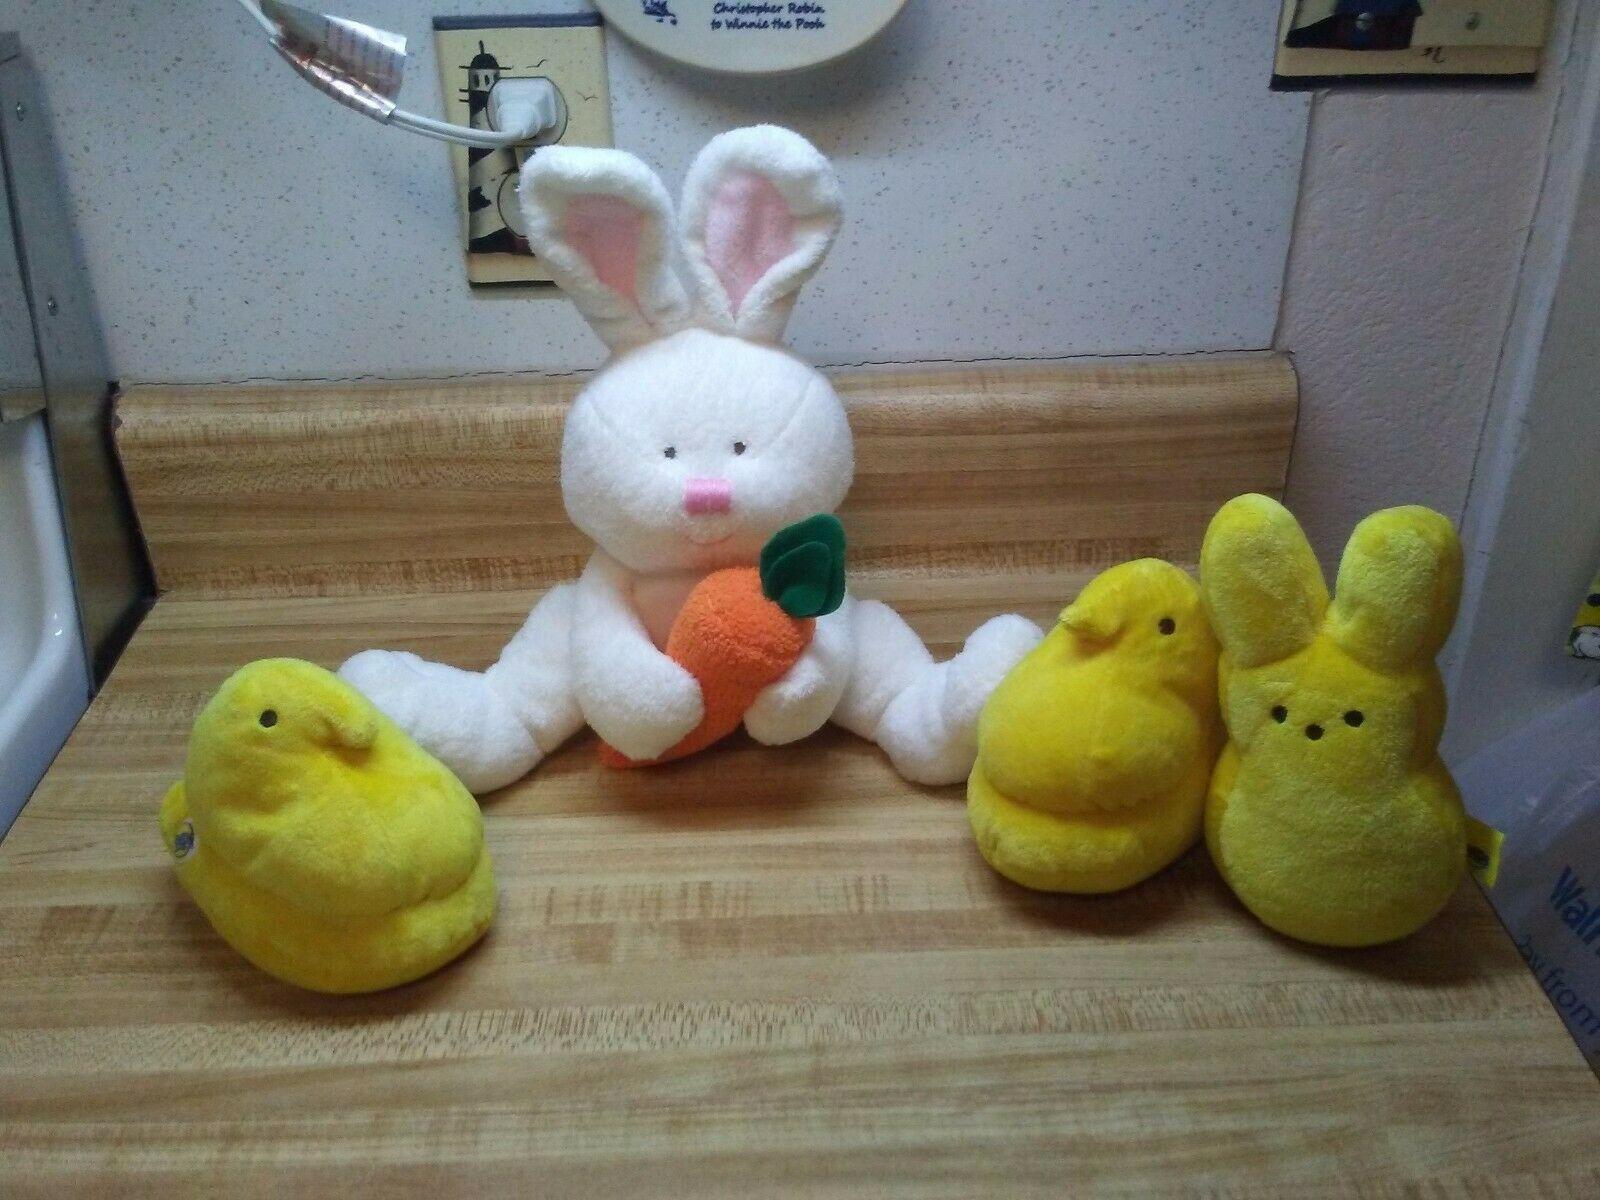 Ty bunny snackers and stuffed animal peeps - $18.95